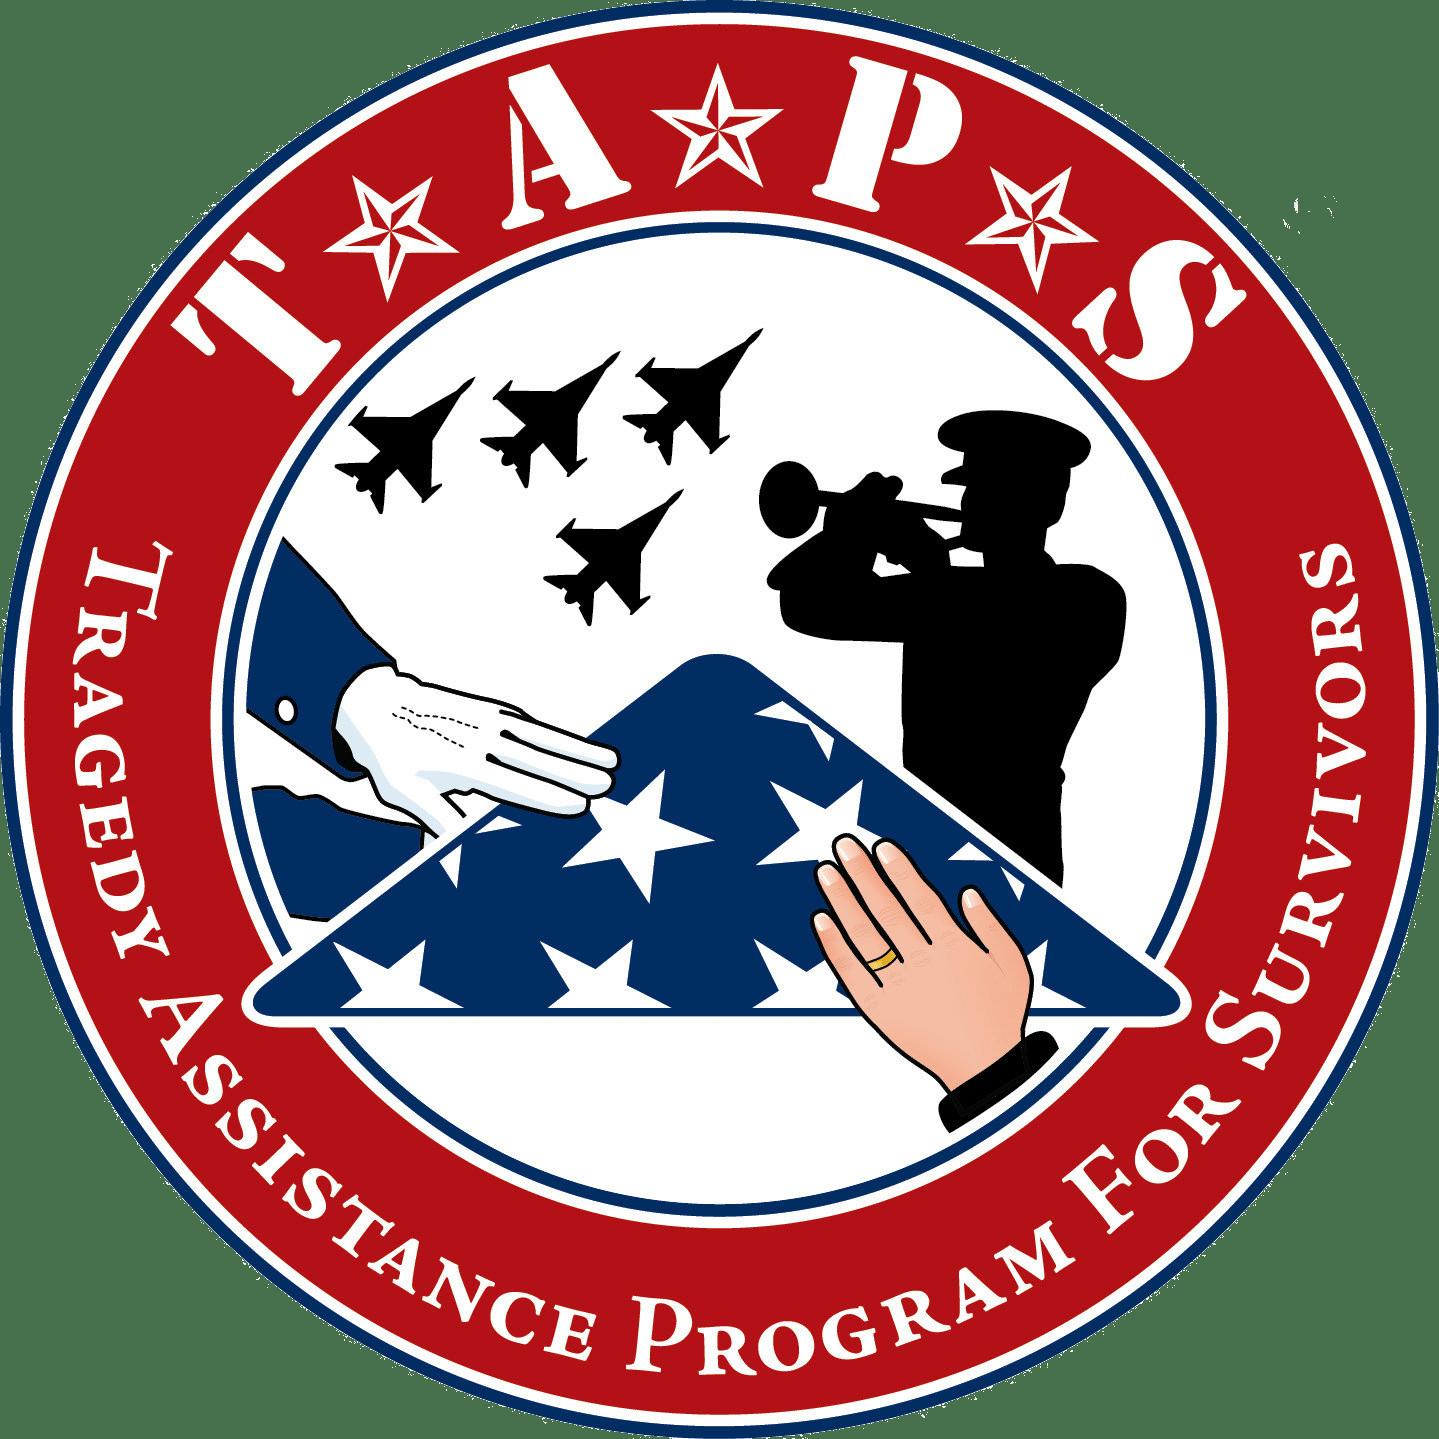 Tragedy Assistance Program for Survivors (TAPS)